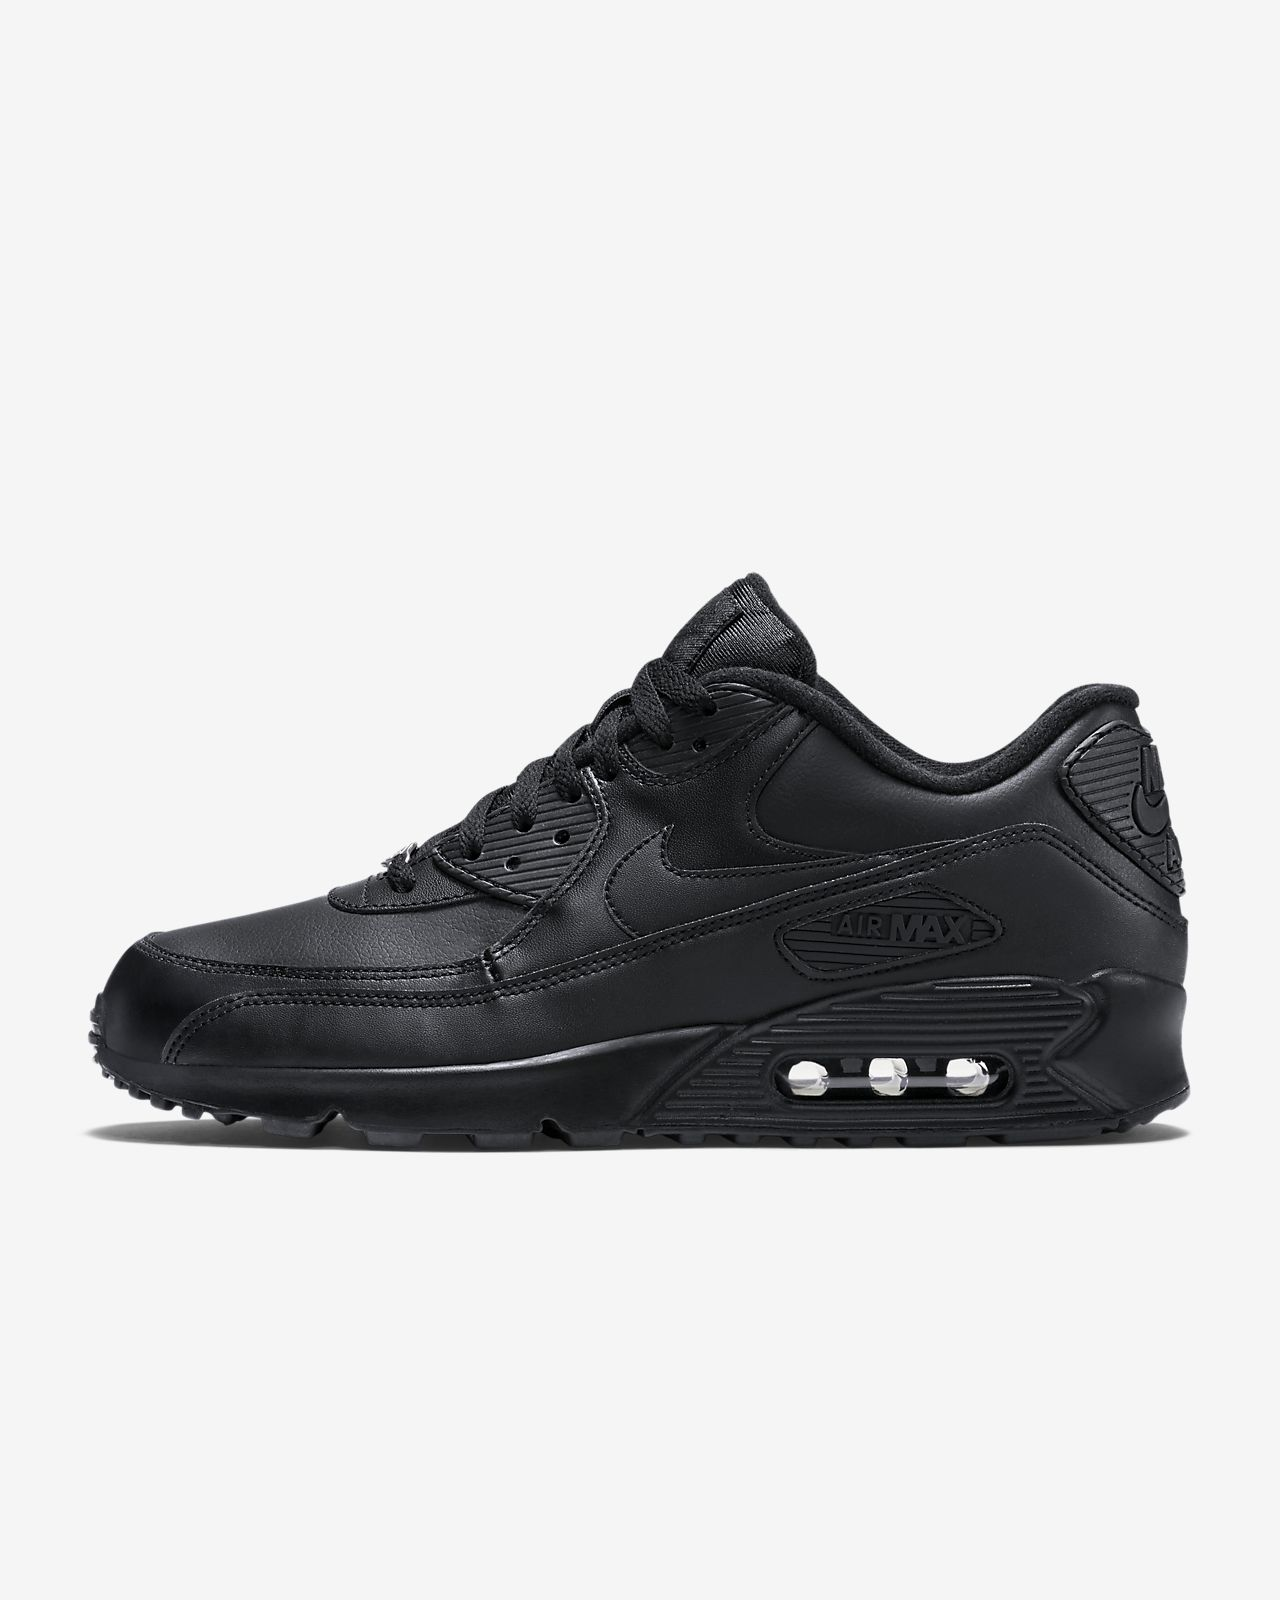 online store e39f5 8c1ba ... Nike Air Max 90 Leather Zapatillas - Hombre